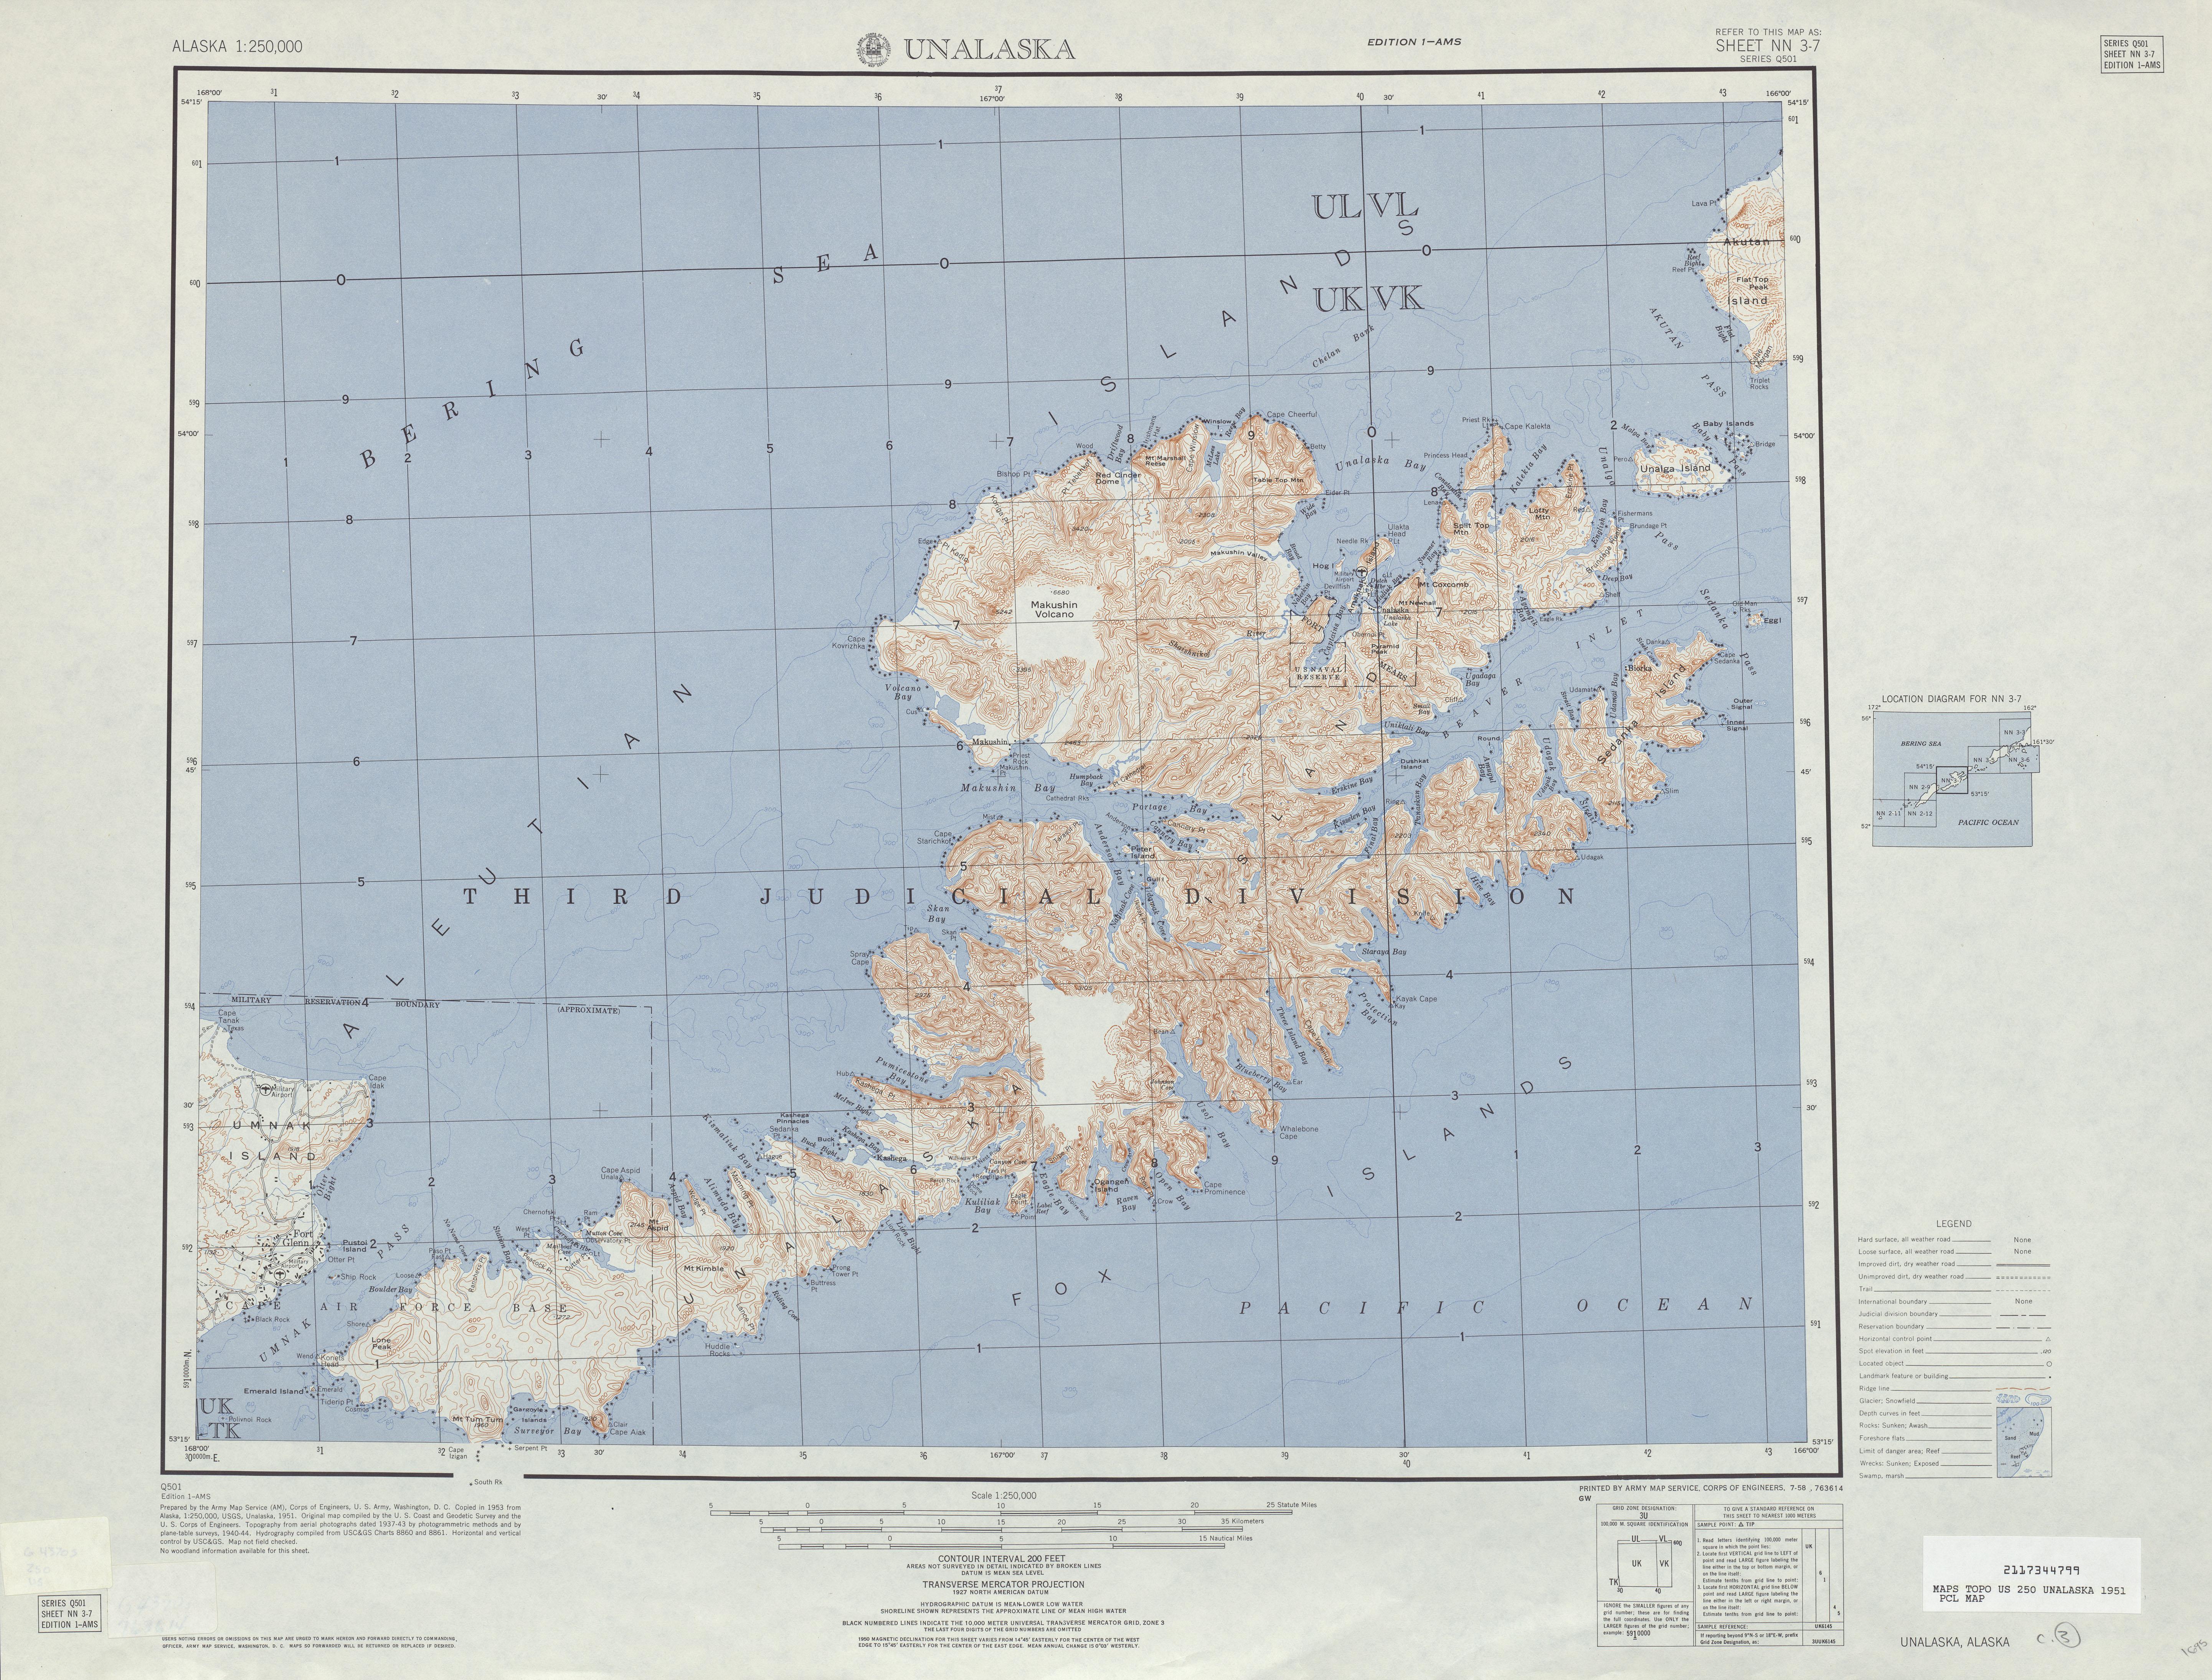 Hoja Unalaska del Mapa Topográfico de los Estados Unidos 1951